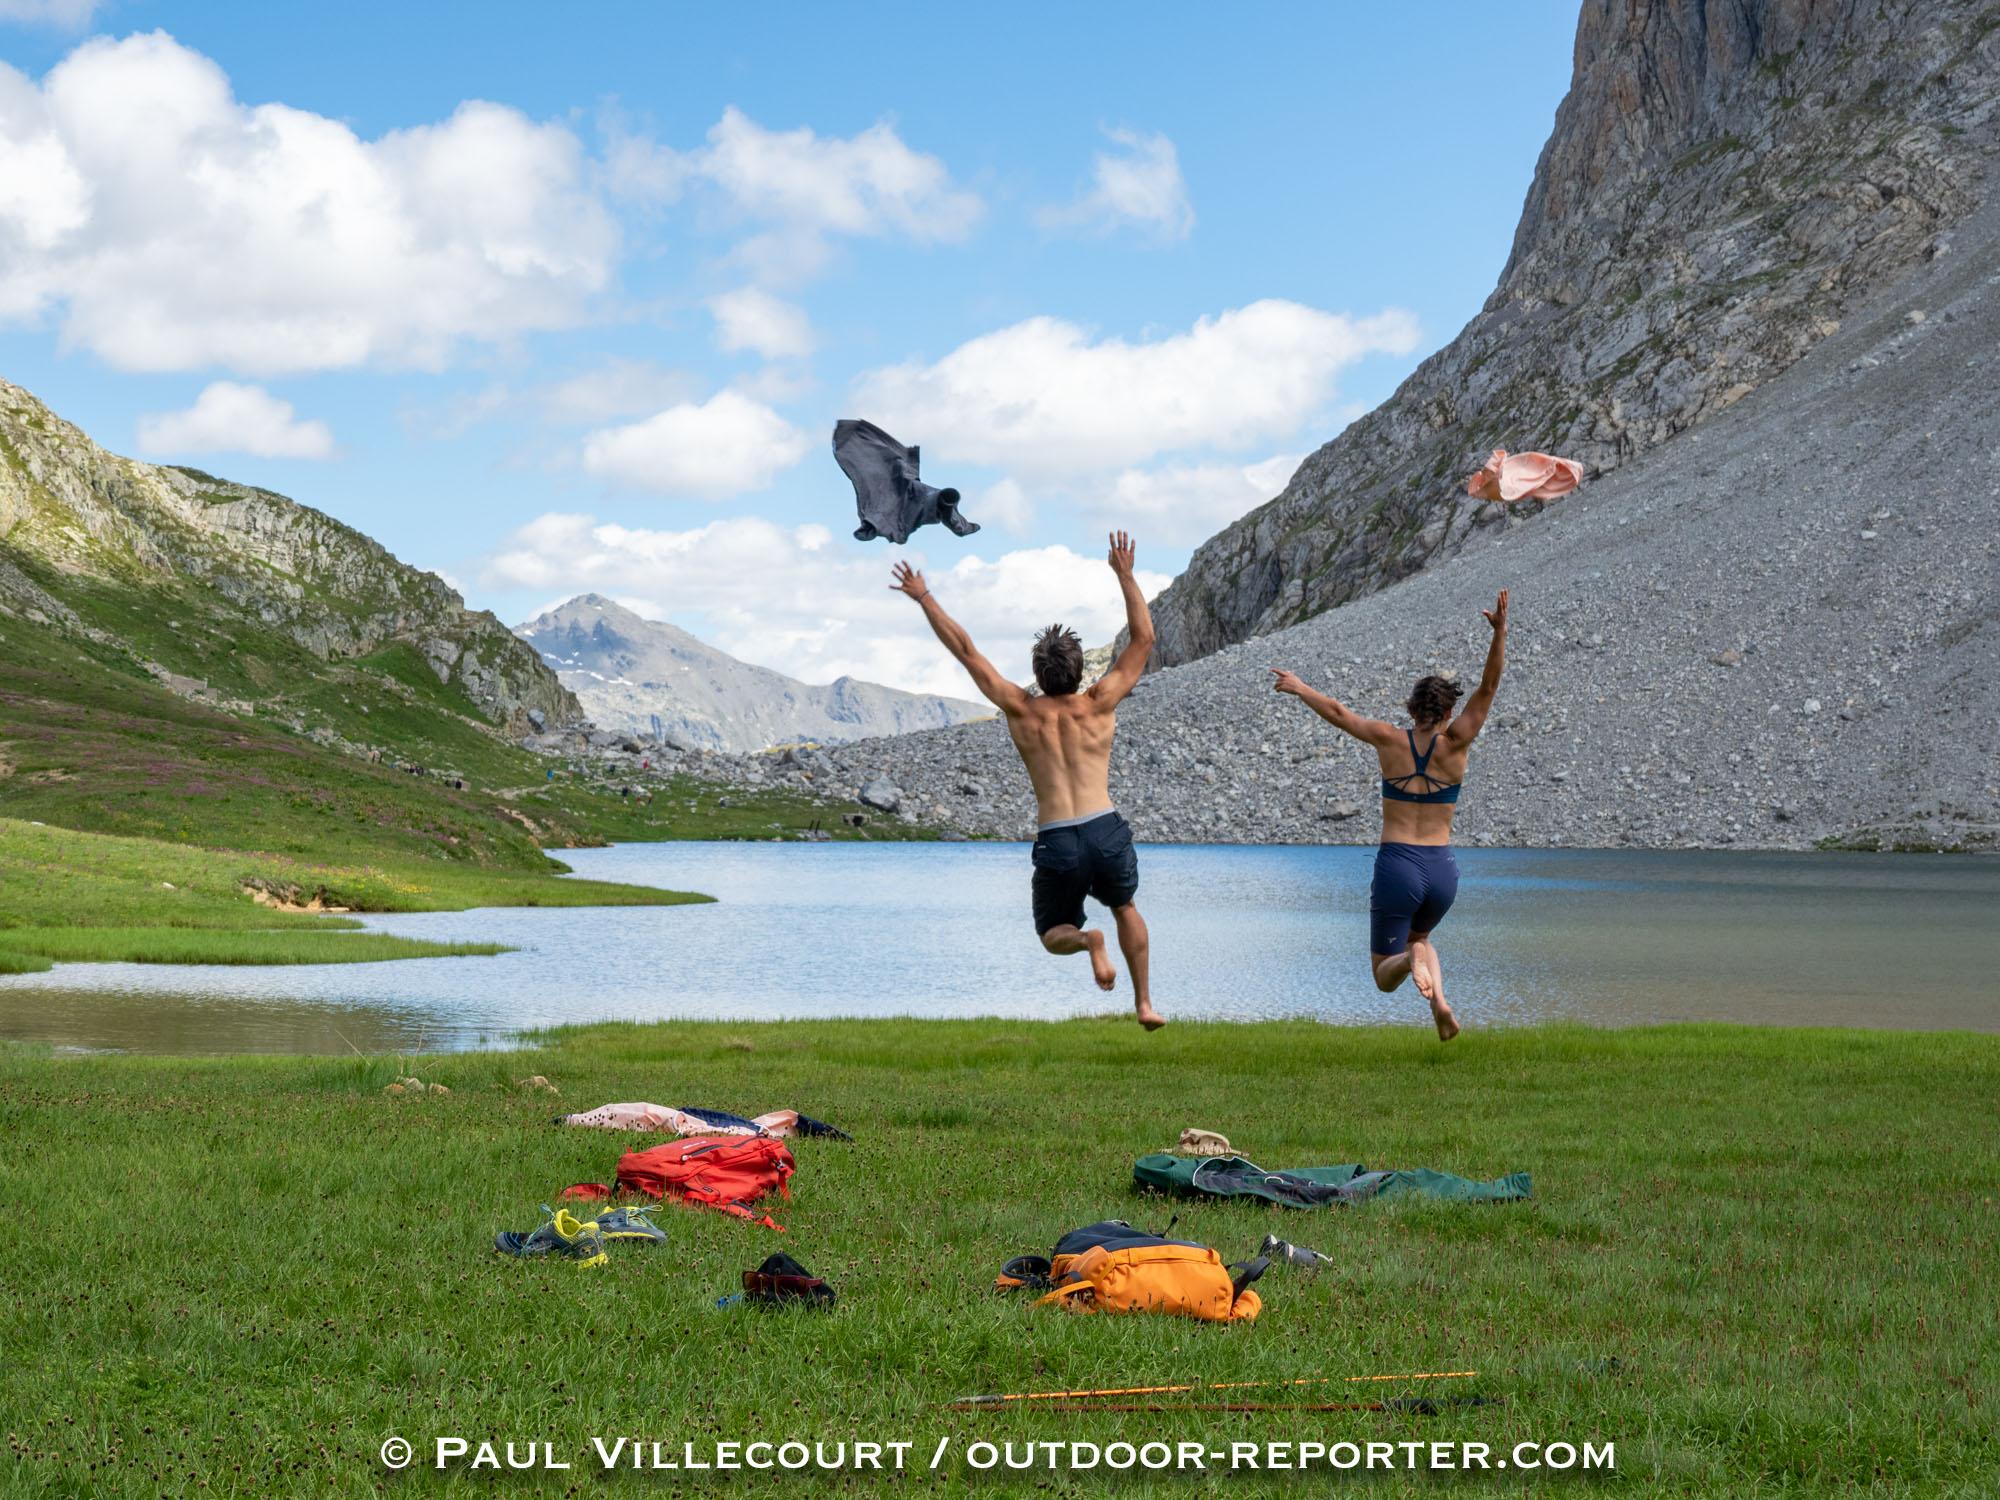 Pratique des sports de plein air : ne nous laissons plus enfermer !